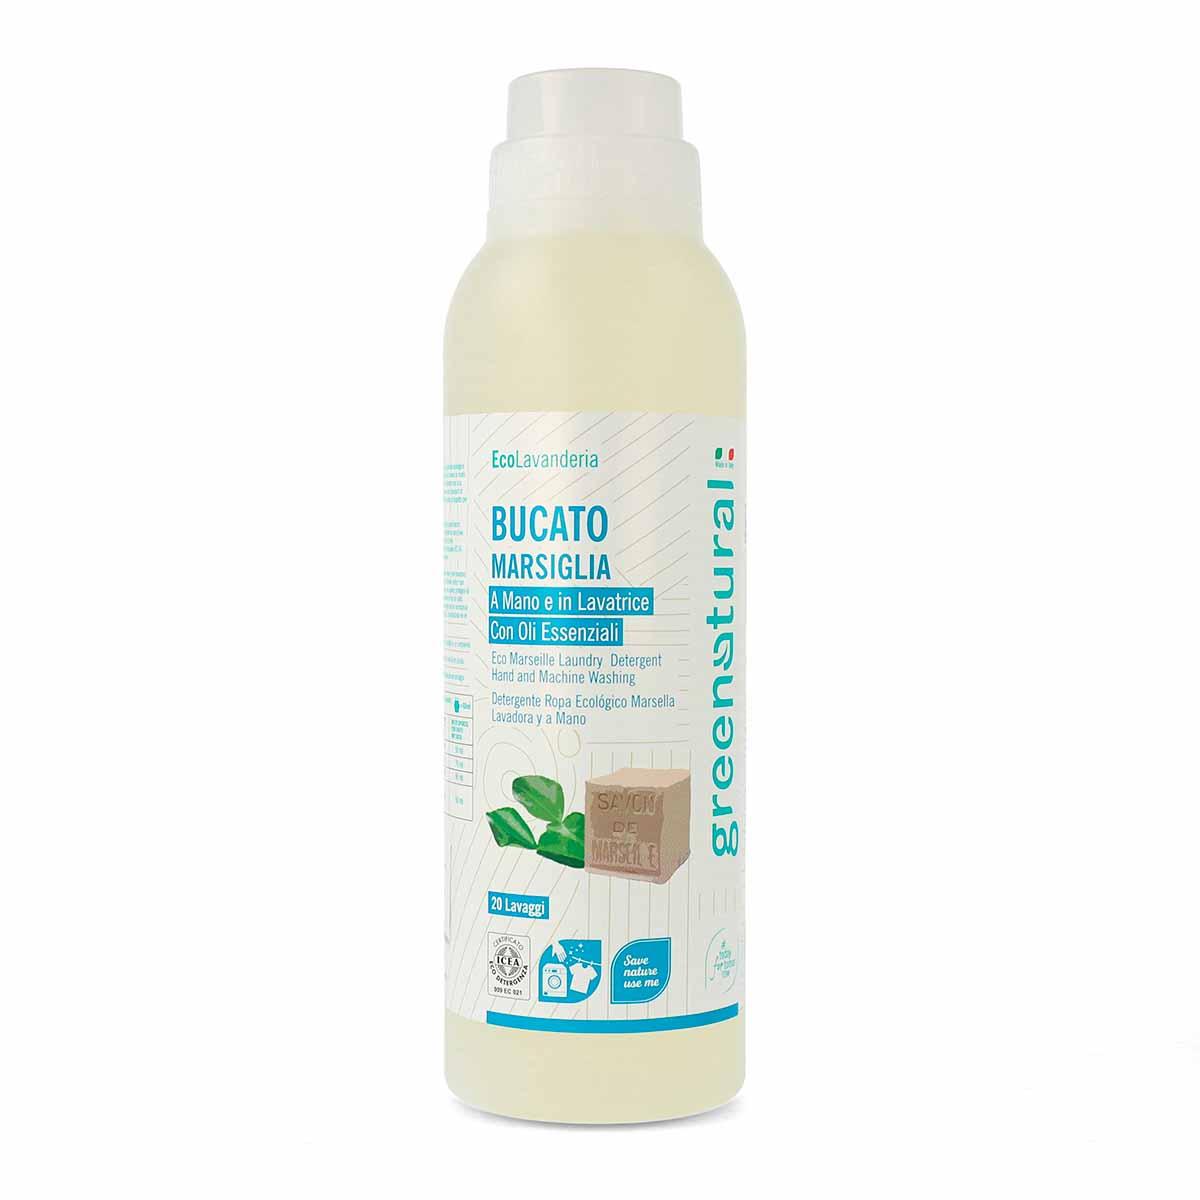 Greenatural – Bucato a mano e in lavatrice Marsiglia